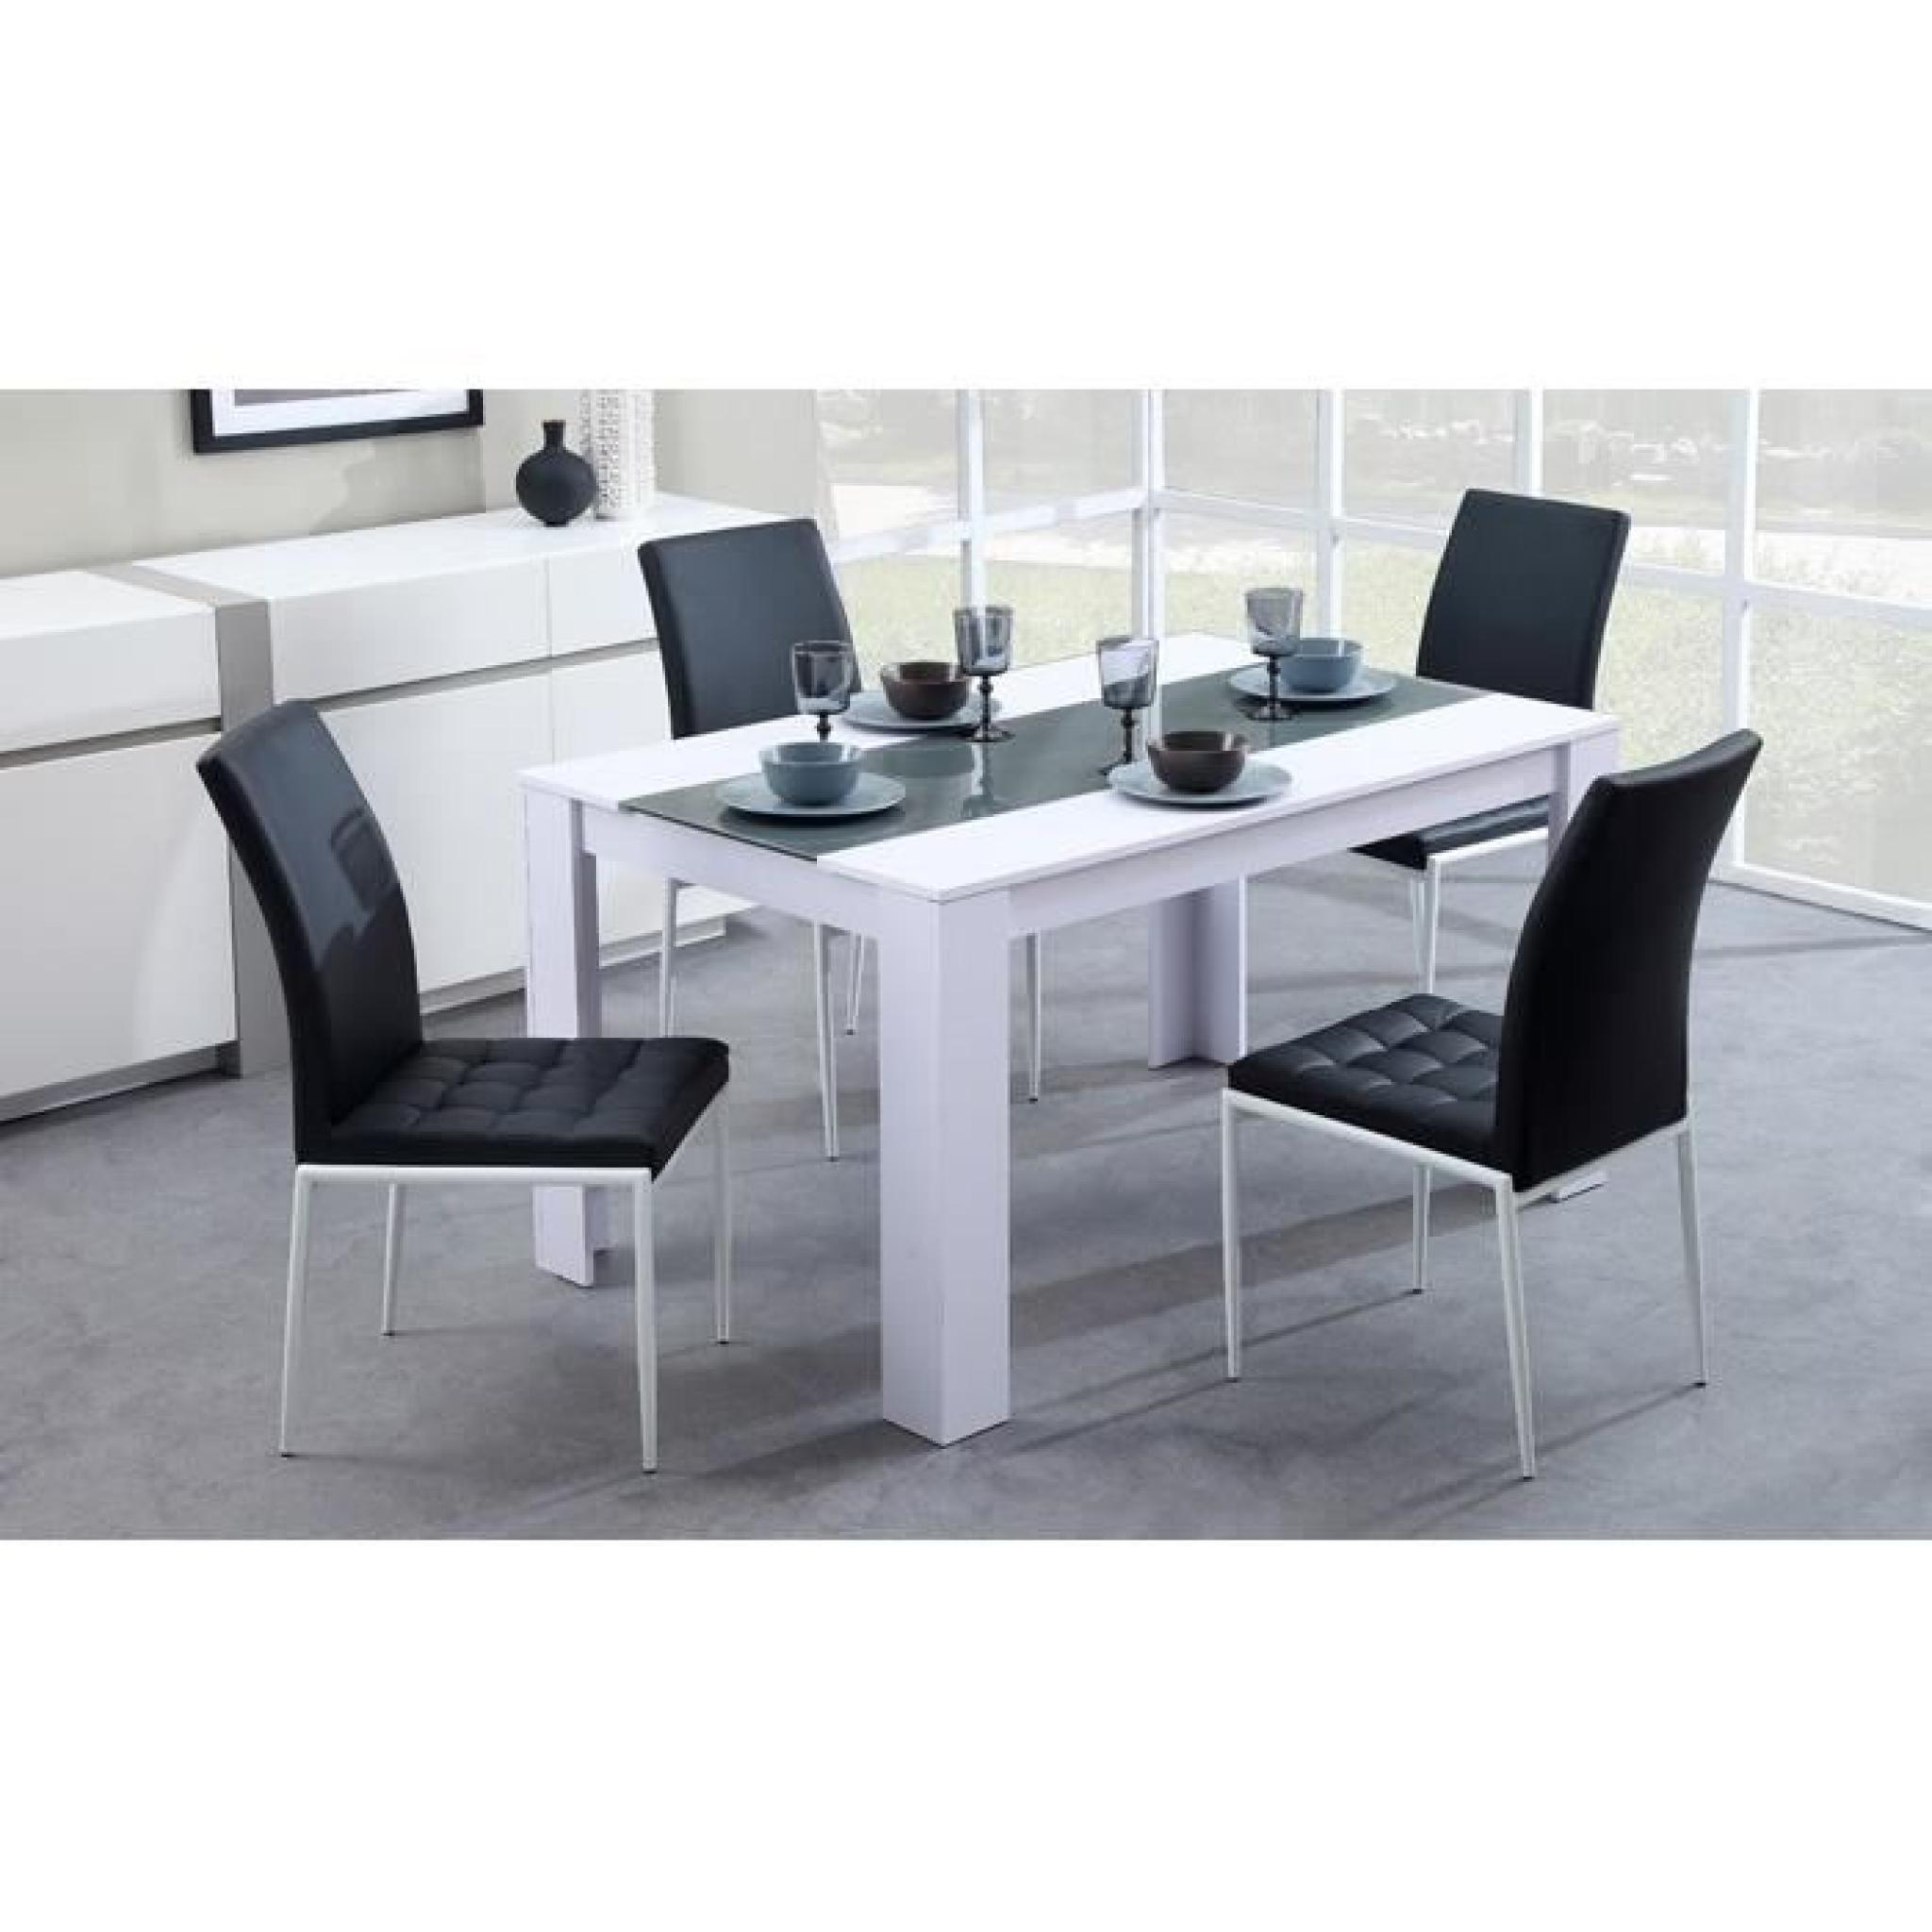 DAMIA Table de séjour 140 cm blanc/gris